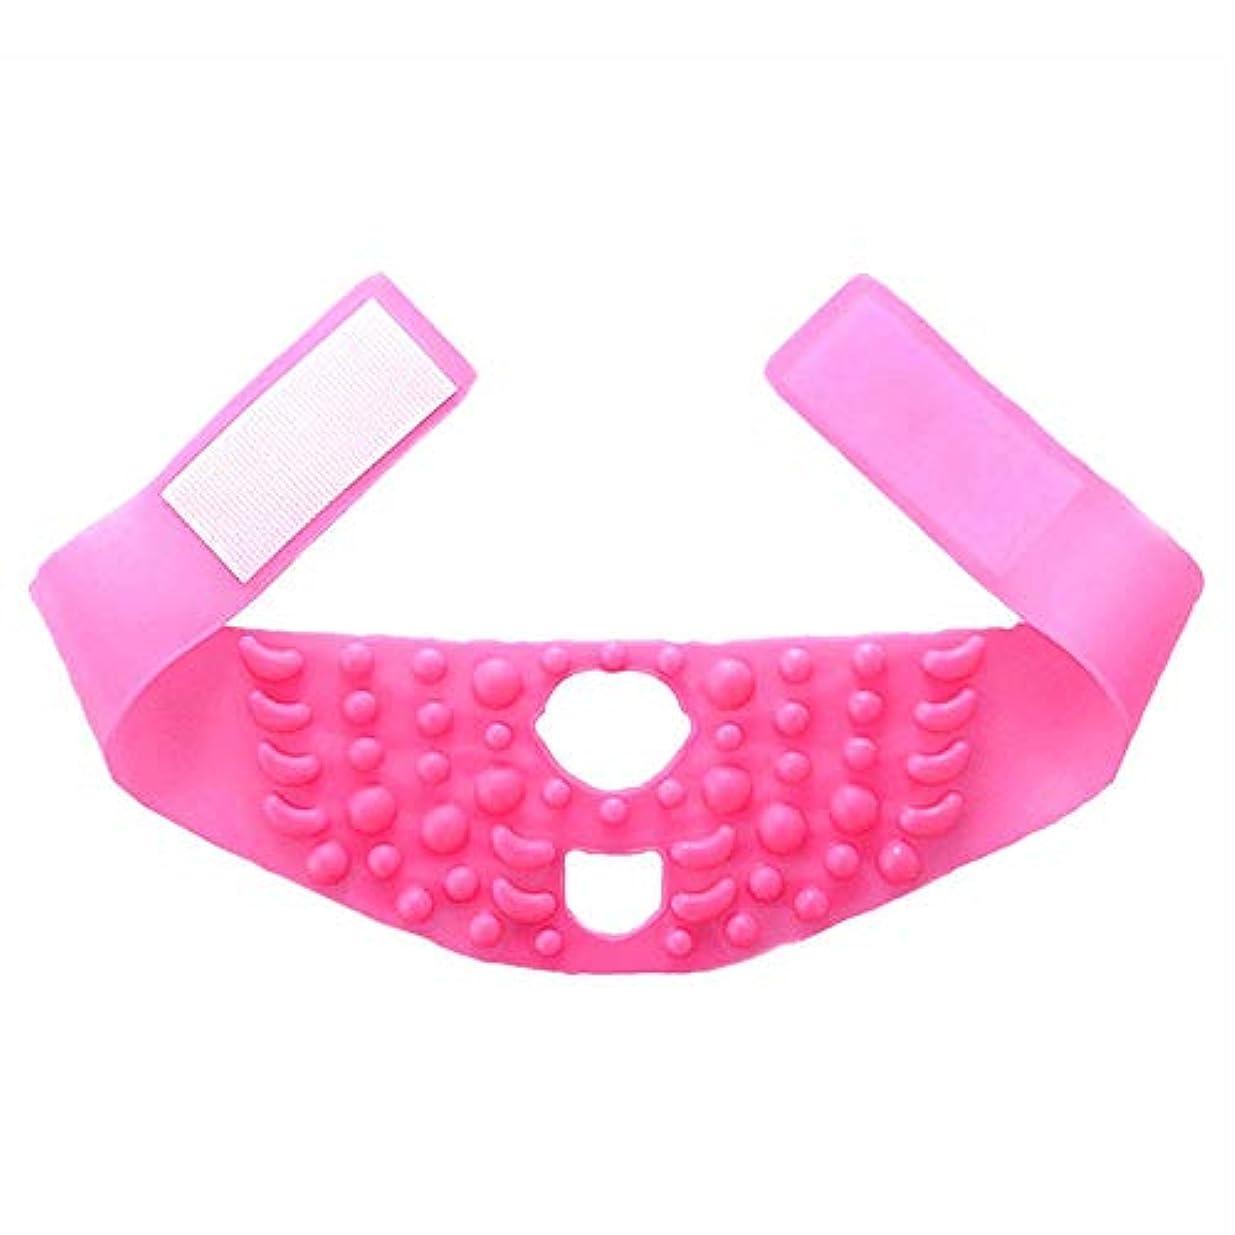 咽頭不利クラフトシンフェイスマスクシリコーンマッサージ引き締まった形の小さなVフェイスリフティングに薄いフェイスアーティファクト包帯を飾る - ピンク